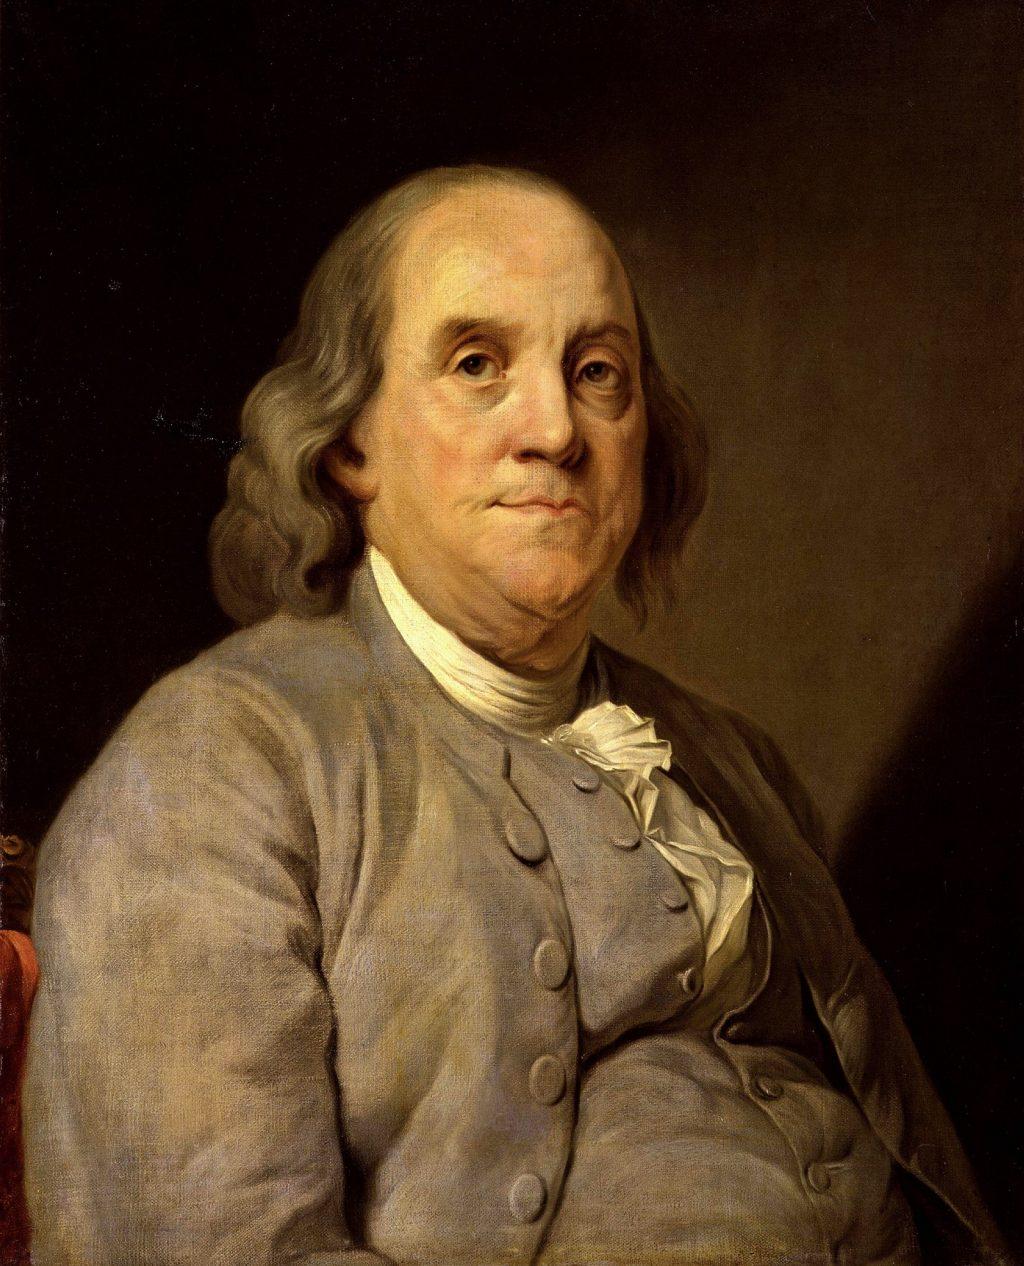 Cựu Tổng thống Mỹ - Benjamin Franklin (1706-1790) và kiểu tóc mullet